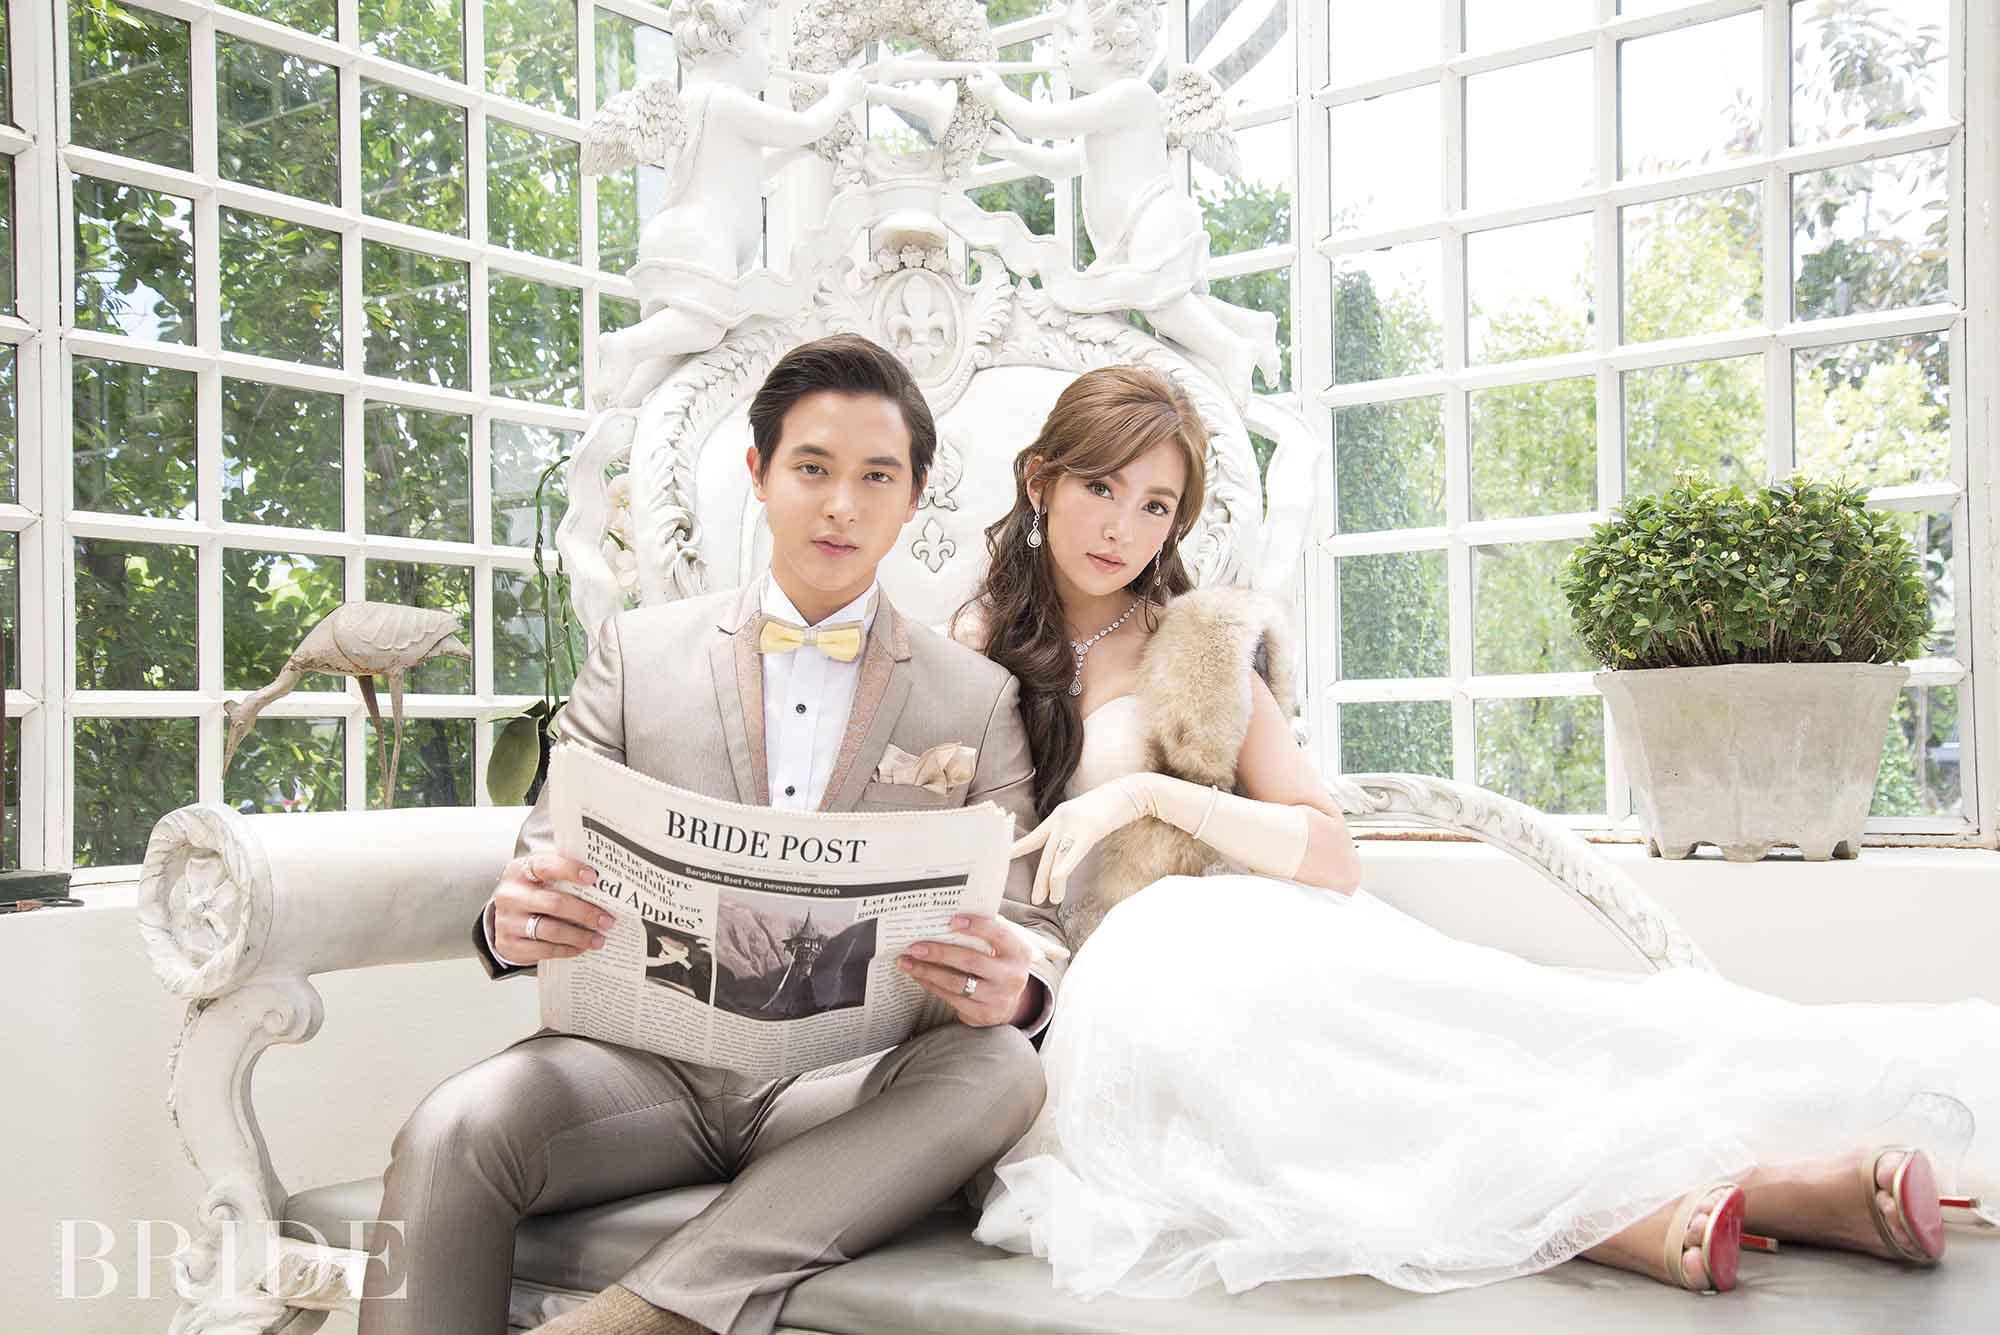 สูทเจ้าบ่าว_สูทแต่งงาน_wedding_suit_groom_suit_007